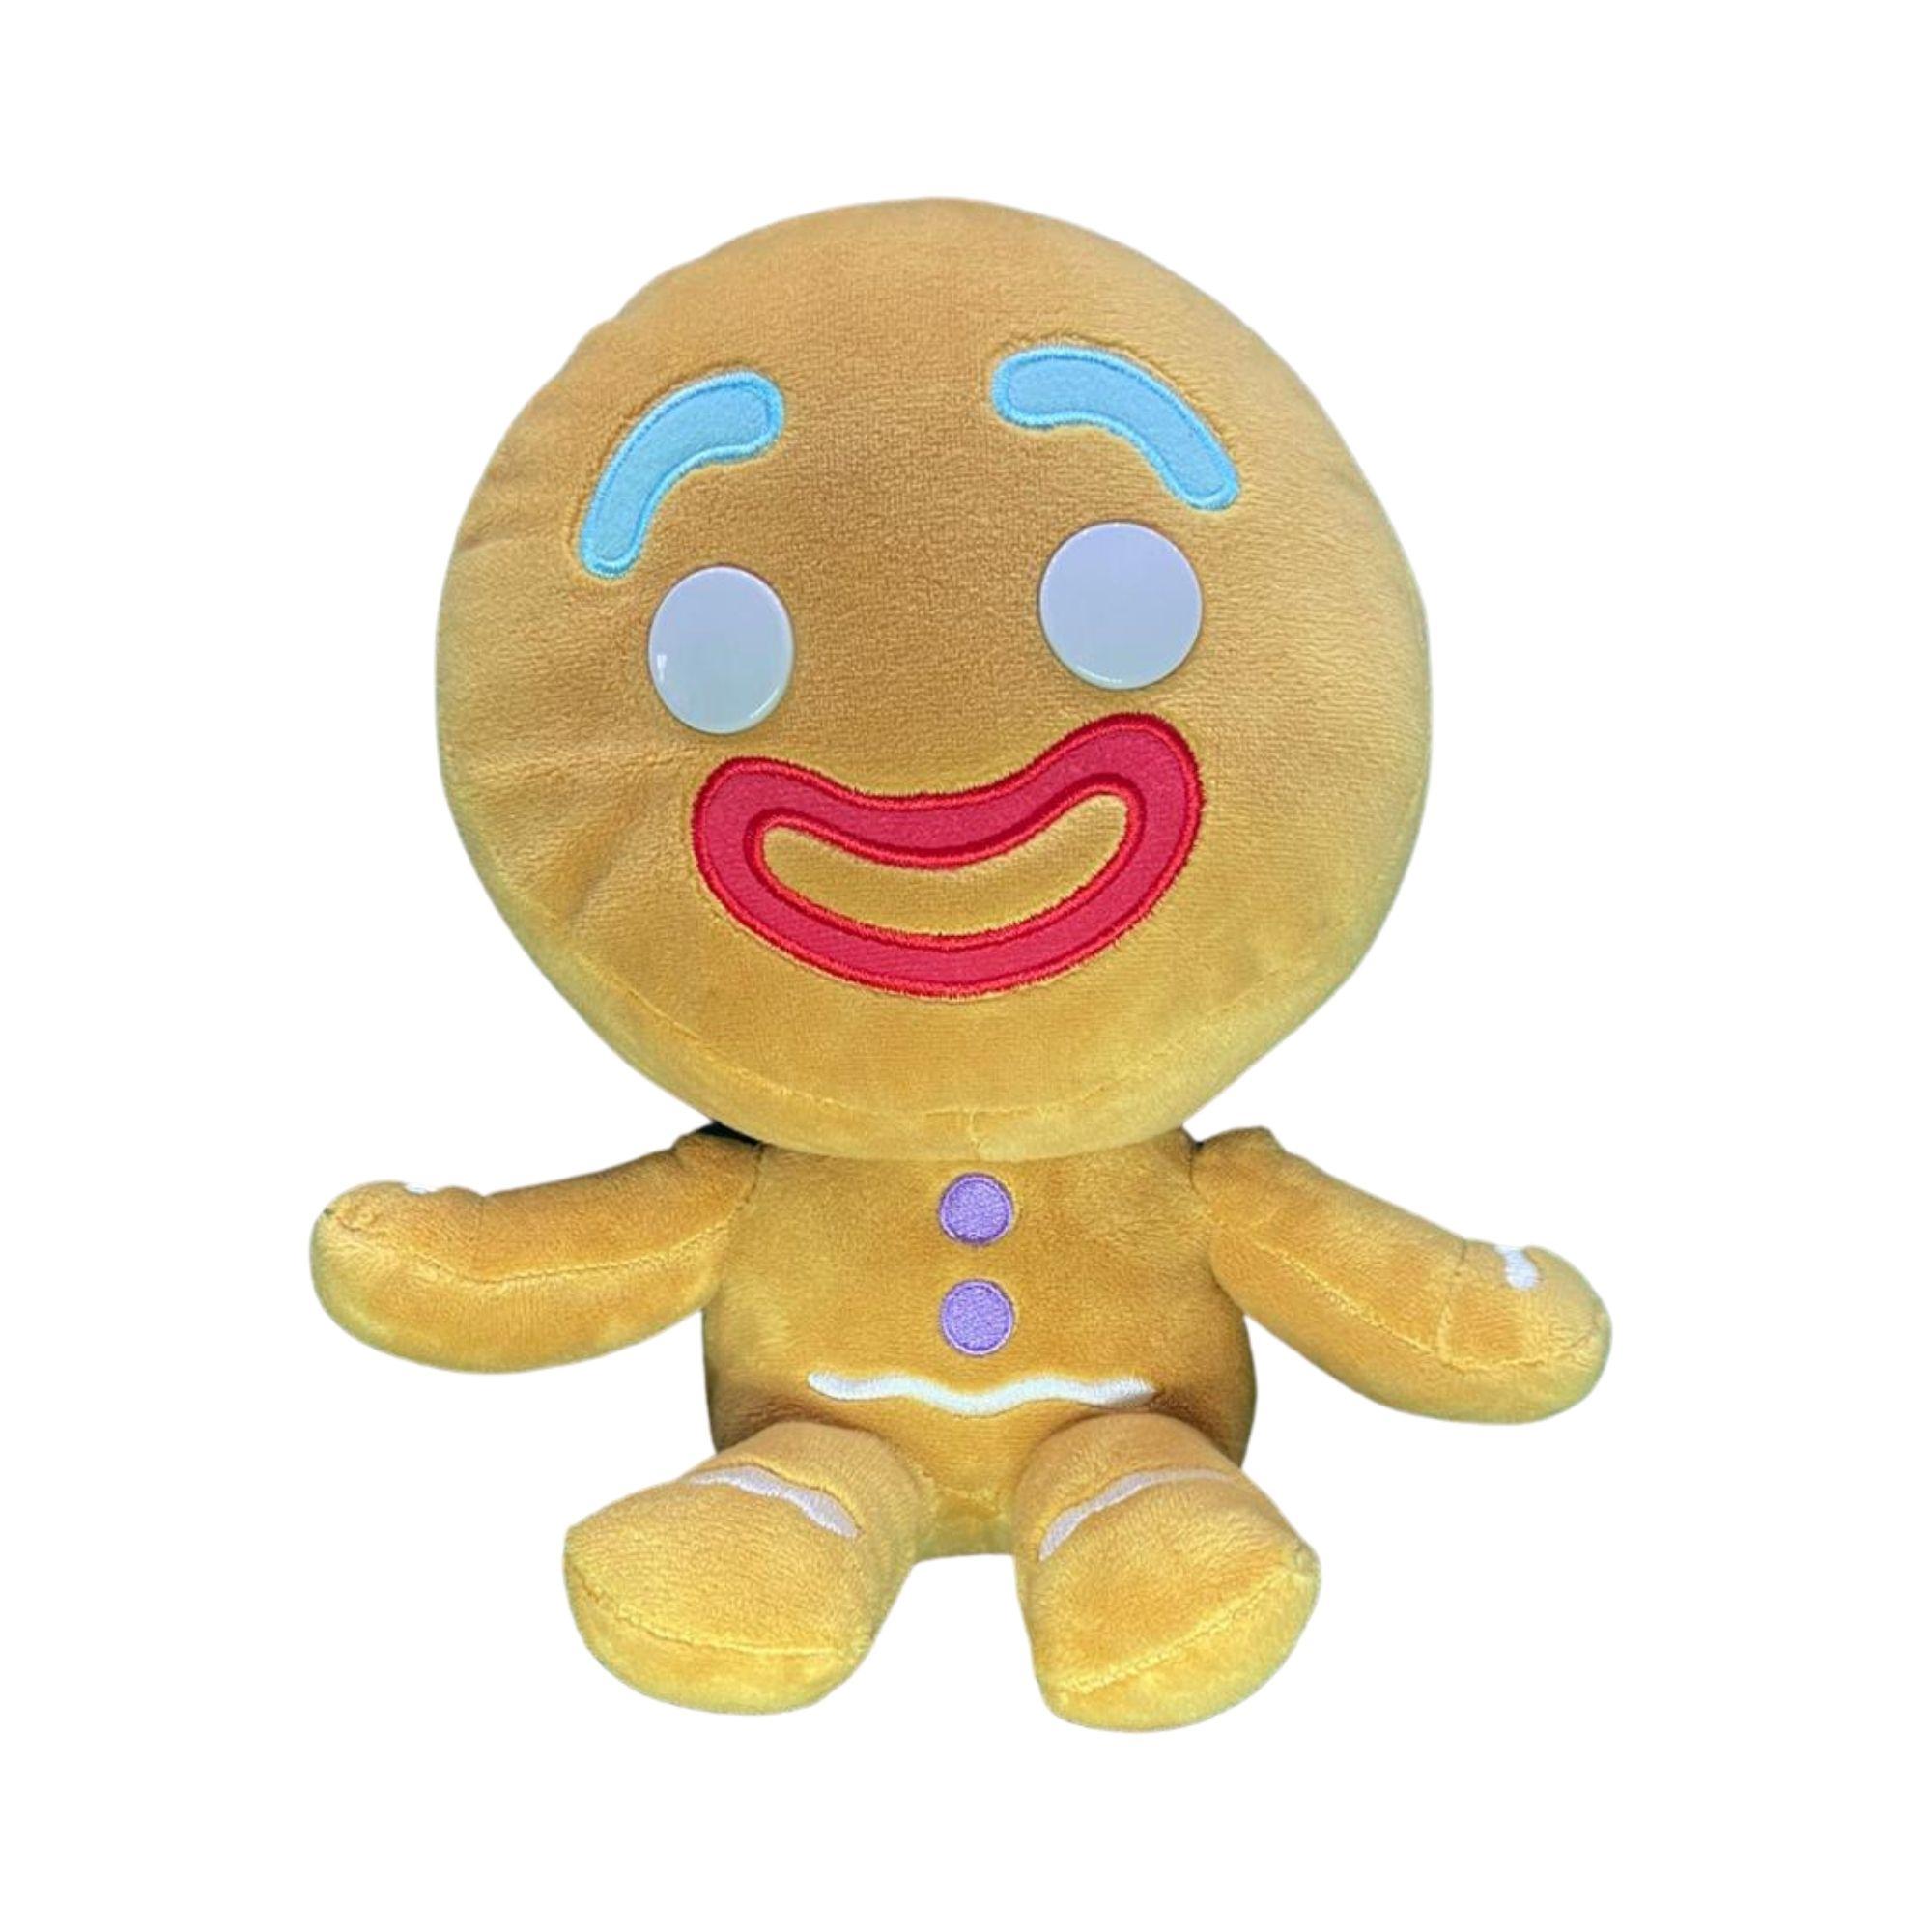 Pelucia Homem Biscoito Boneco Shrek 23 cm Boneco de Doce  - Game Land Brinquedos